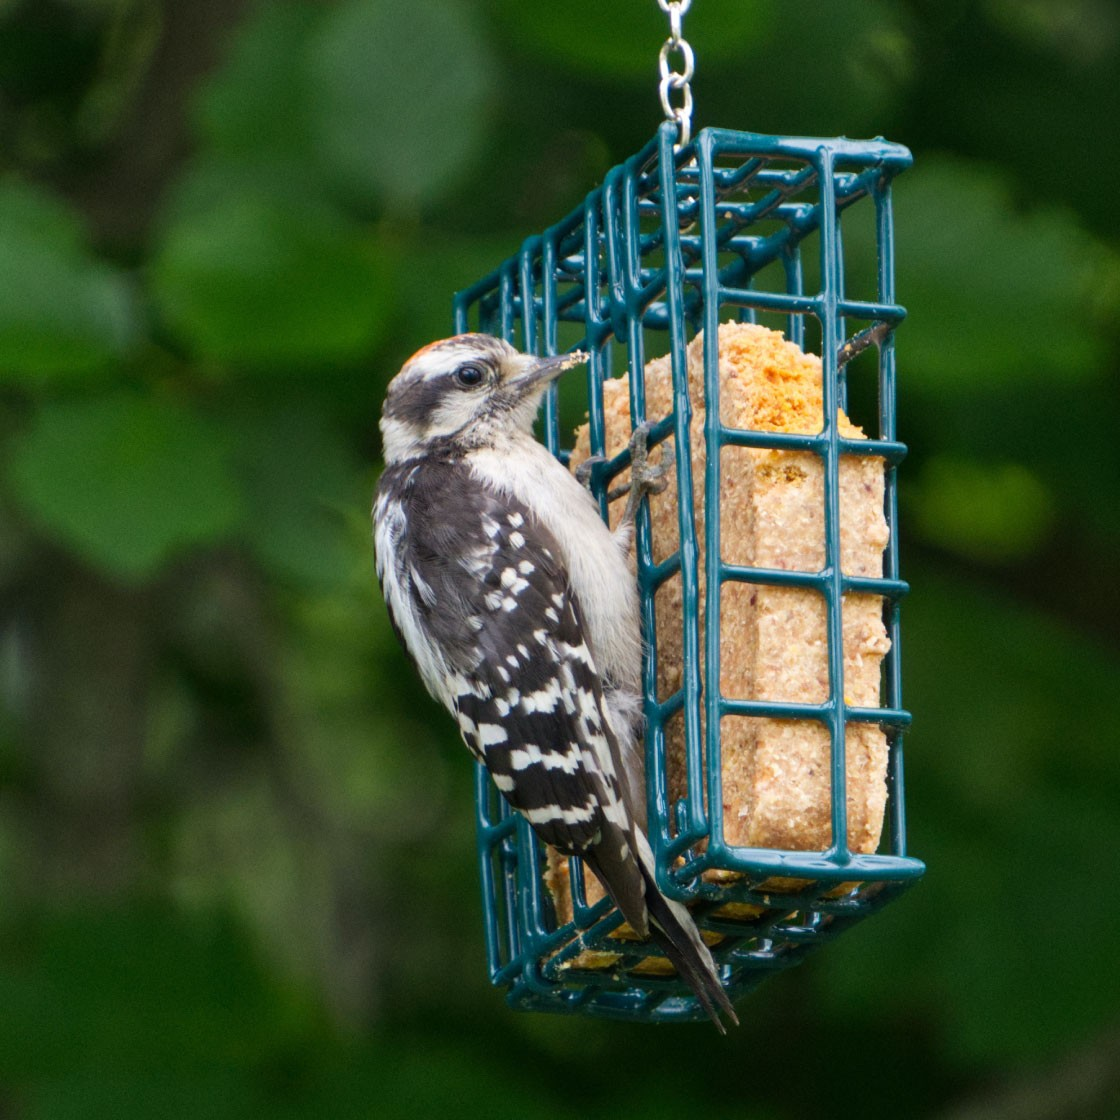 A small bird eats at an outdoor bird feeder